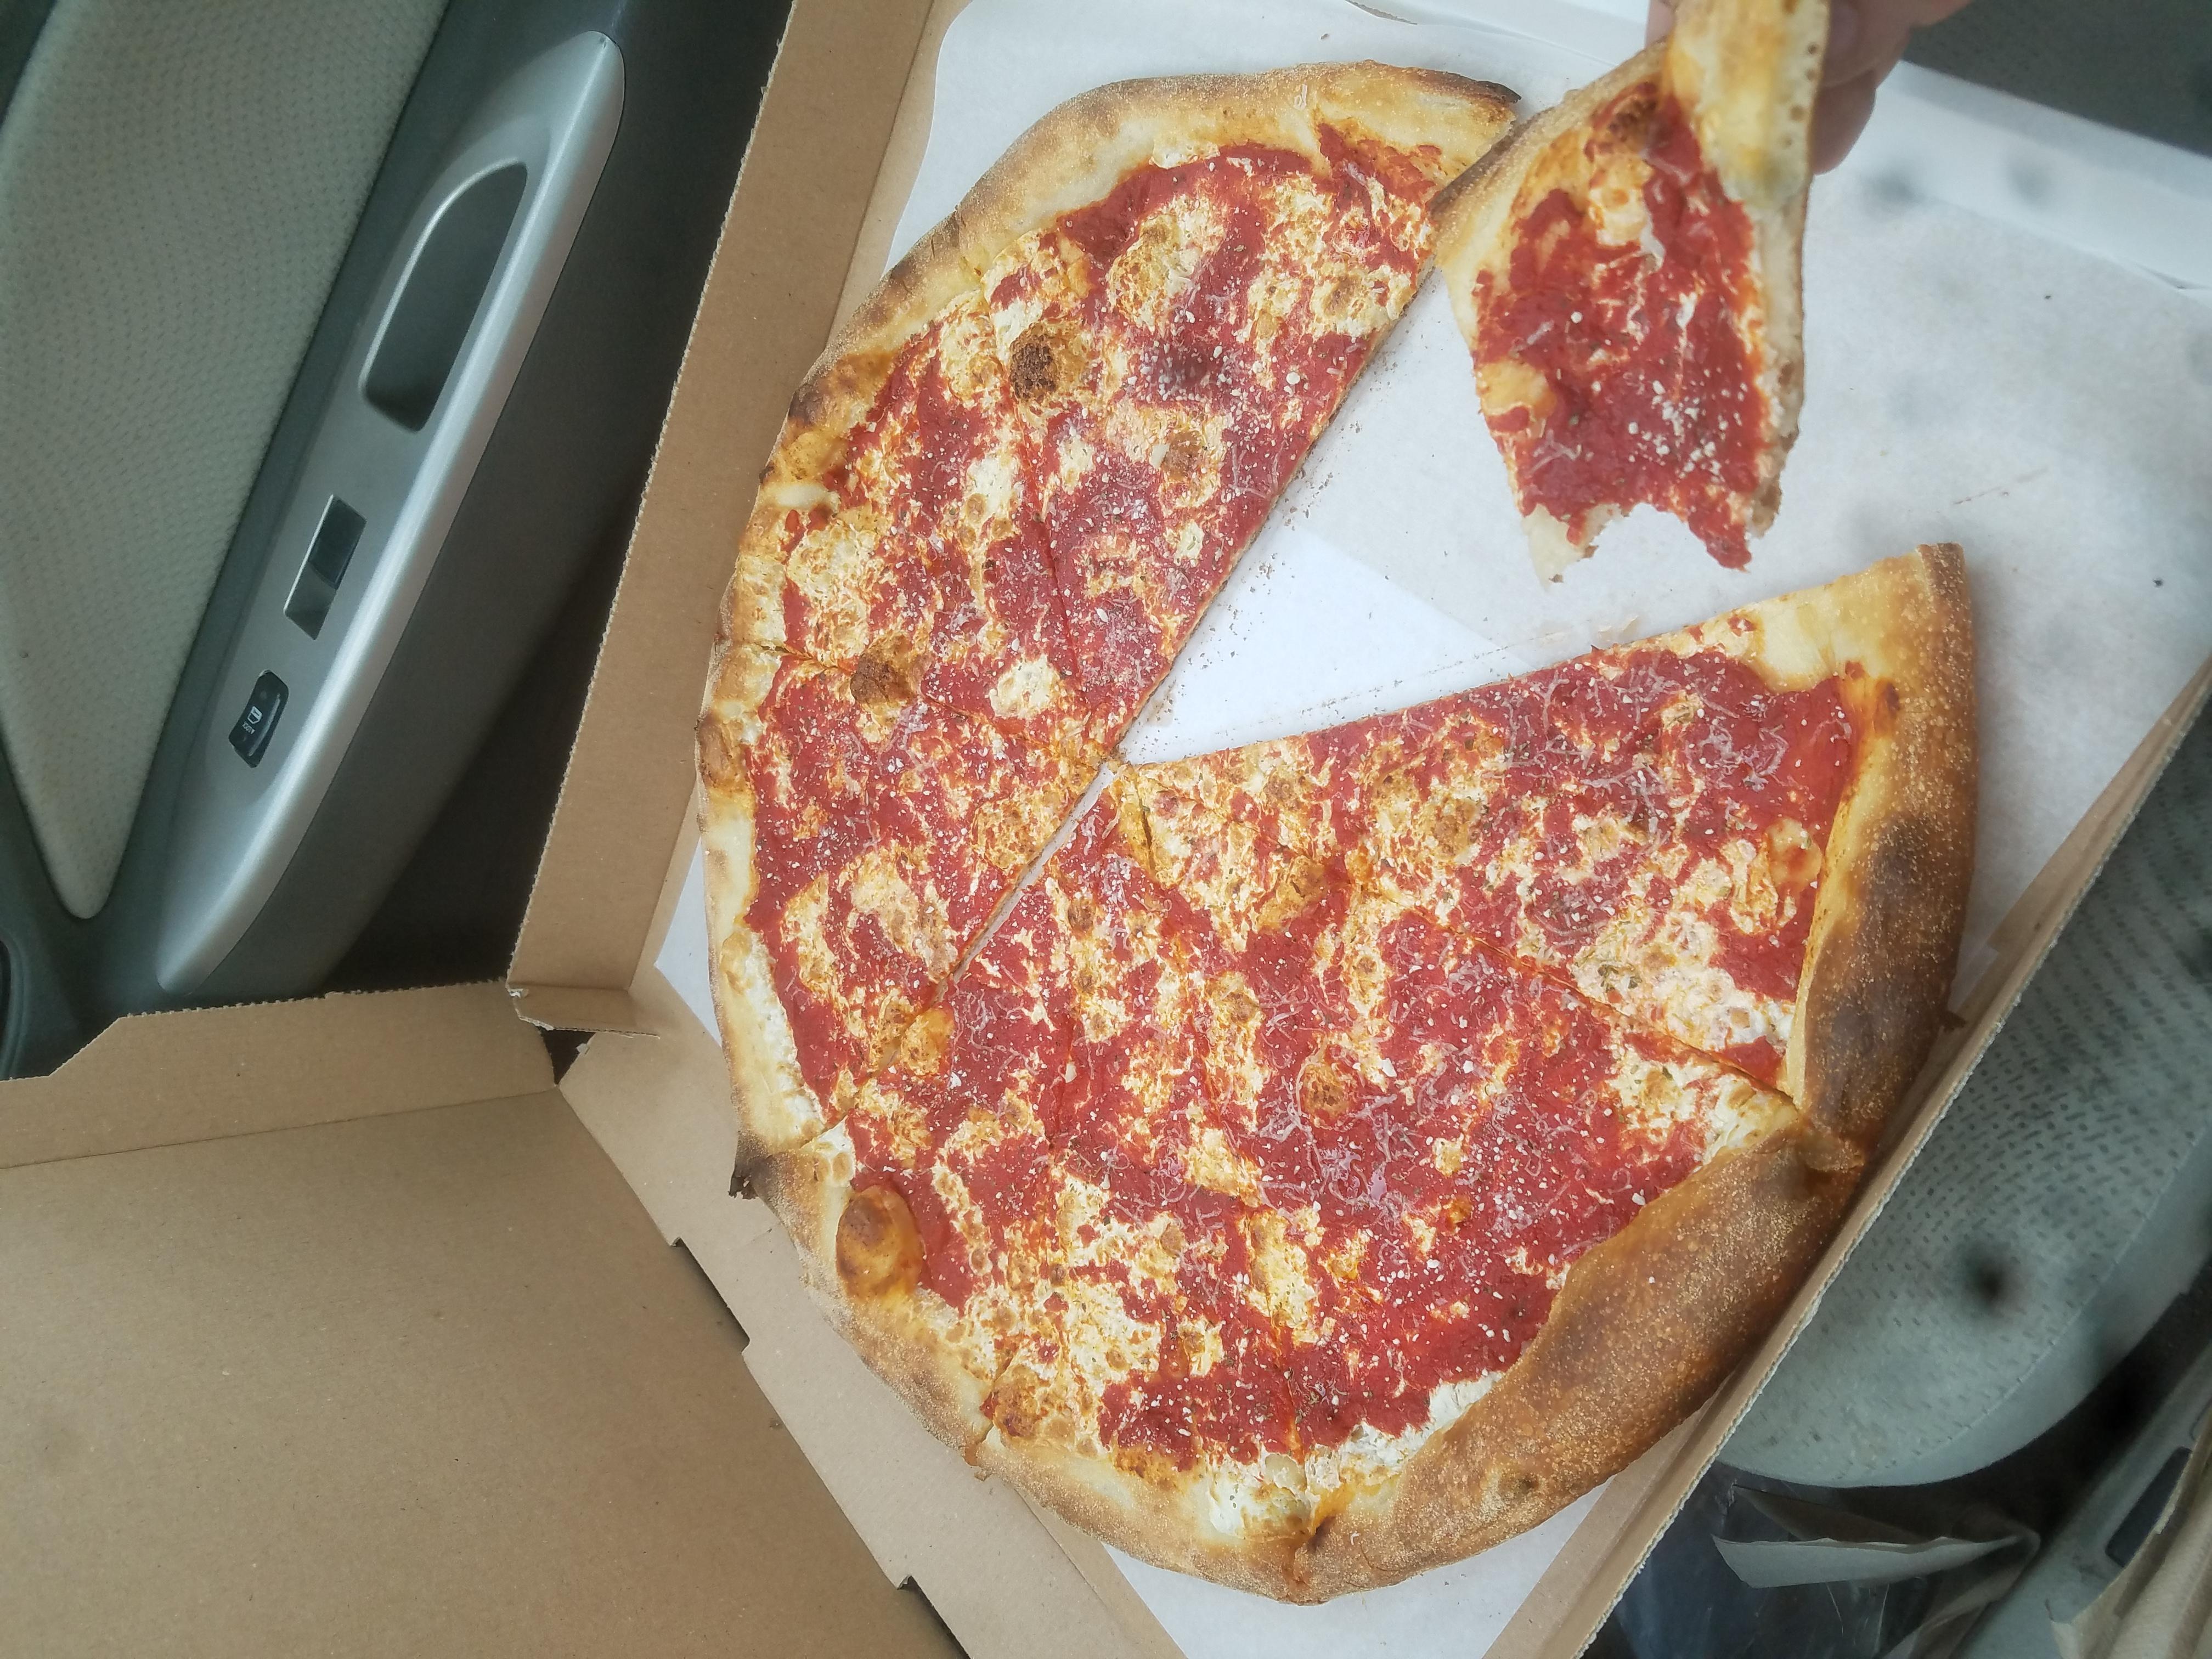 jessemack on One Bite Pizza App